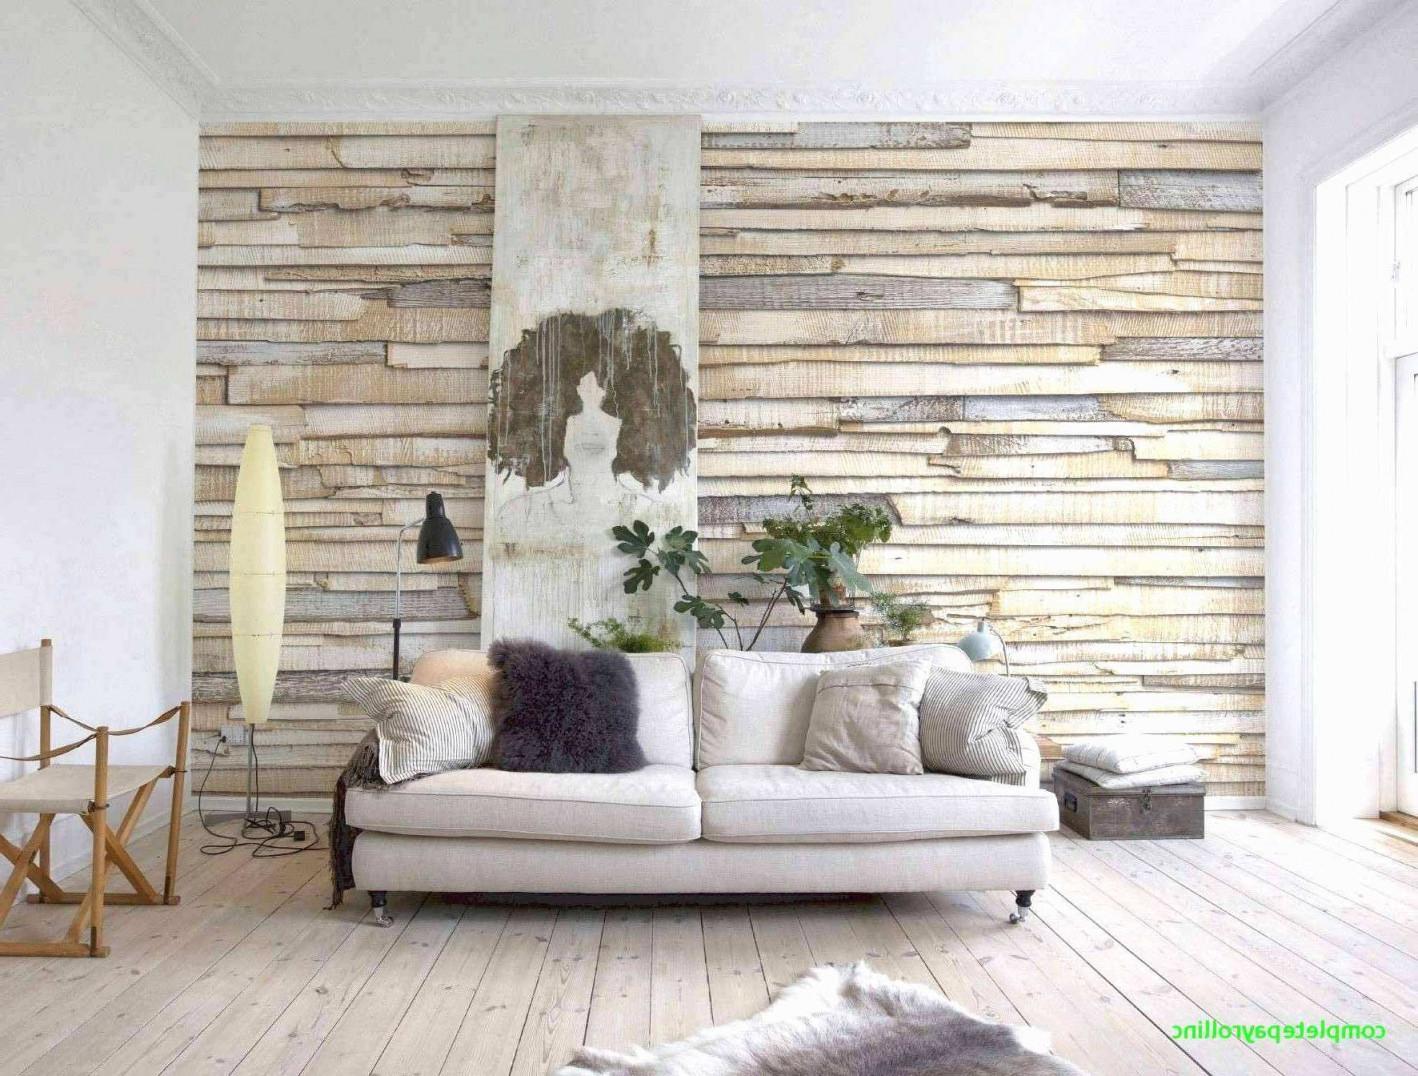 59 Schön Tapeten Für Wohnzimmer Frisch  Tolles Wohnzimmer Ideen von Tapeten Fürs Wohnzimmer Photo